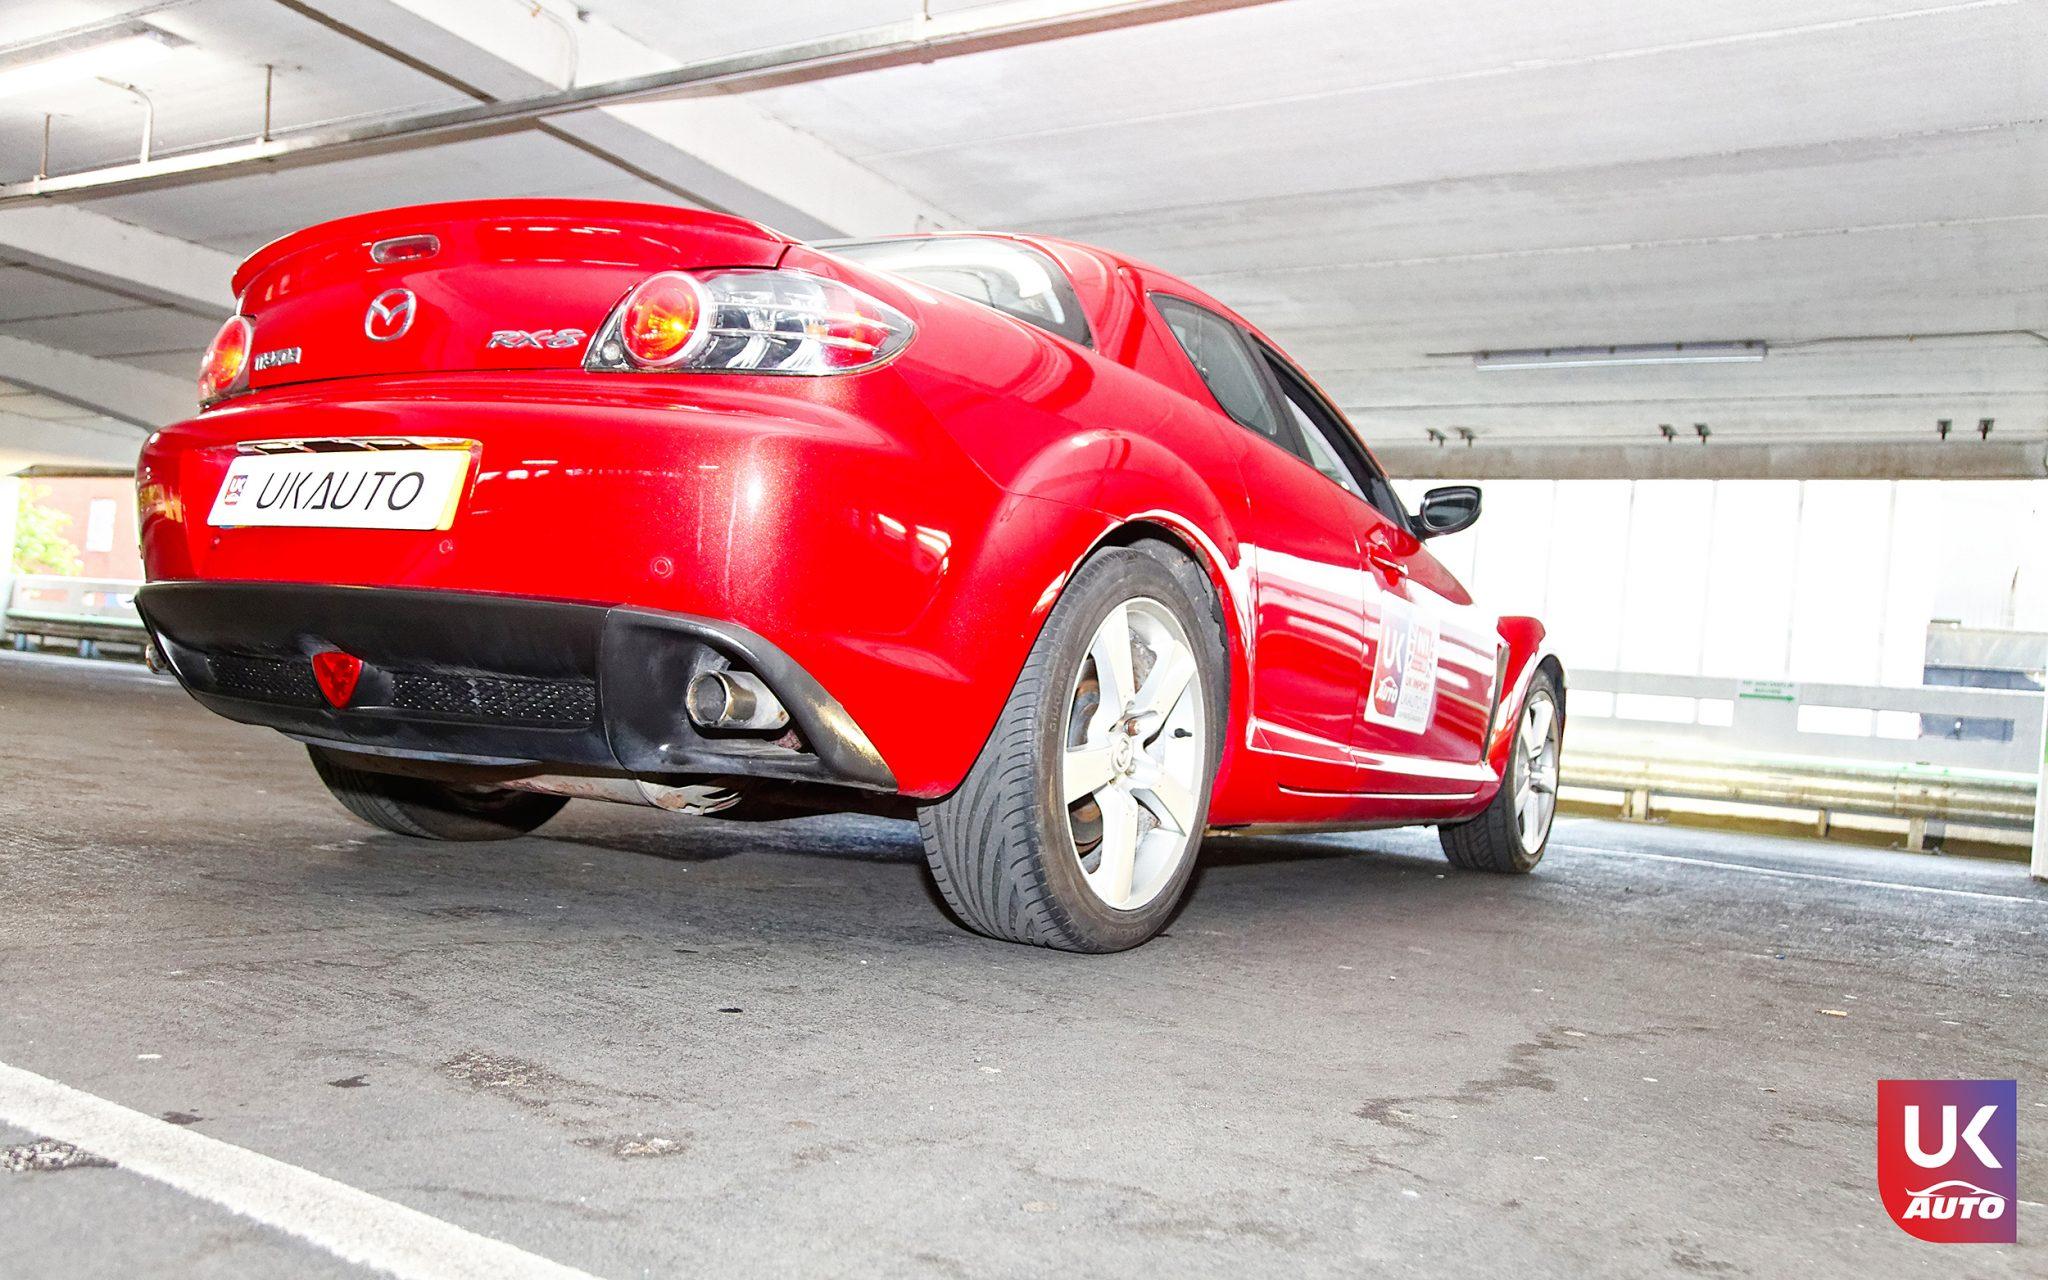 ukauto import uk angleterre mazda rx8 import voiture anglaise auto uk8 - Felecitation a Jeremie pour cette Mazda RX8 RHD import voiture anglaise N1 UK